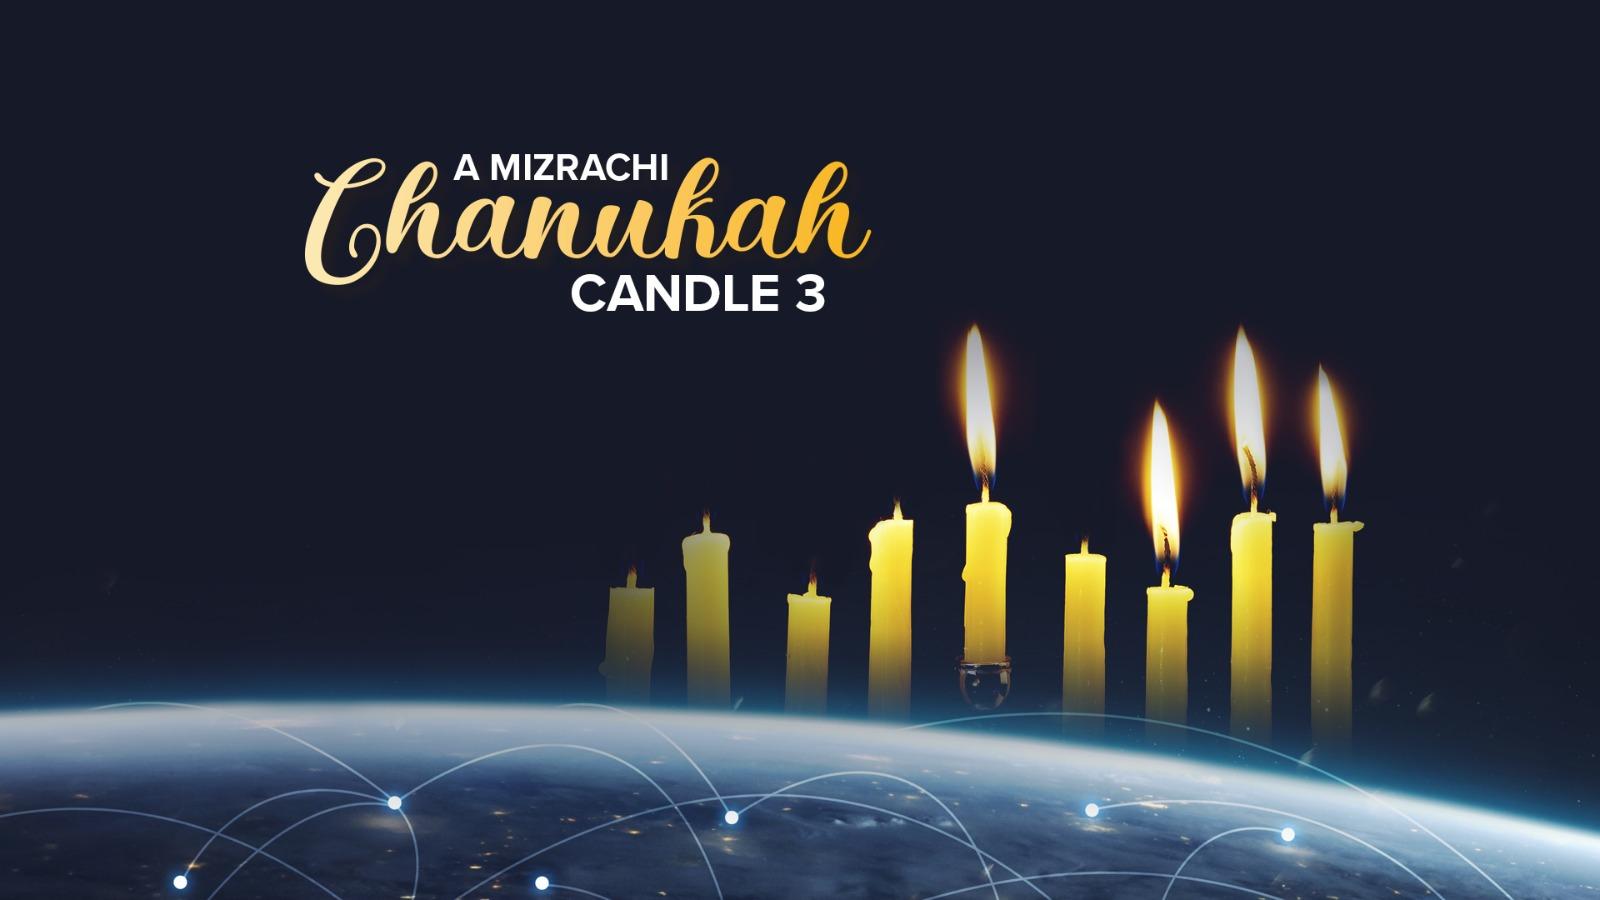 A Mizrachi Chanukah – Candle 3